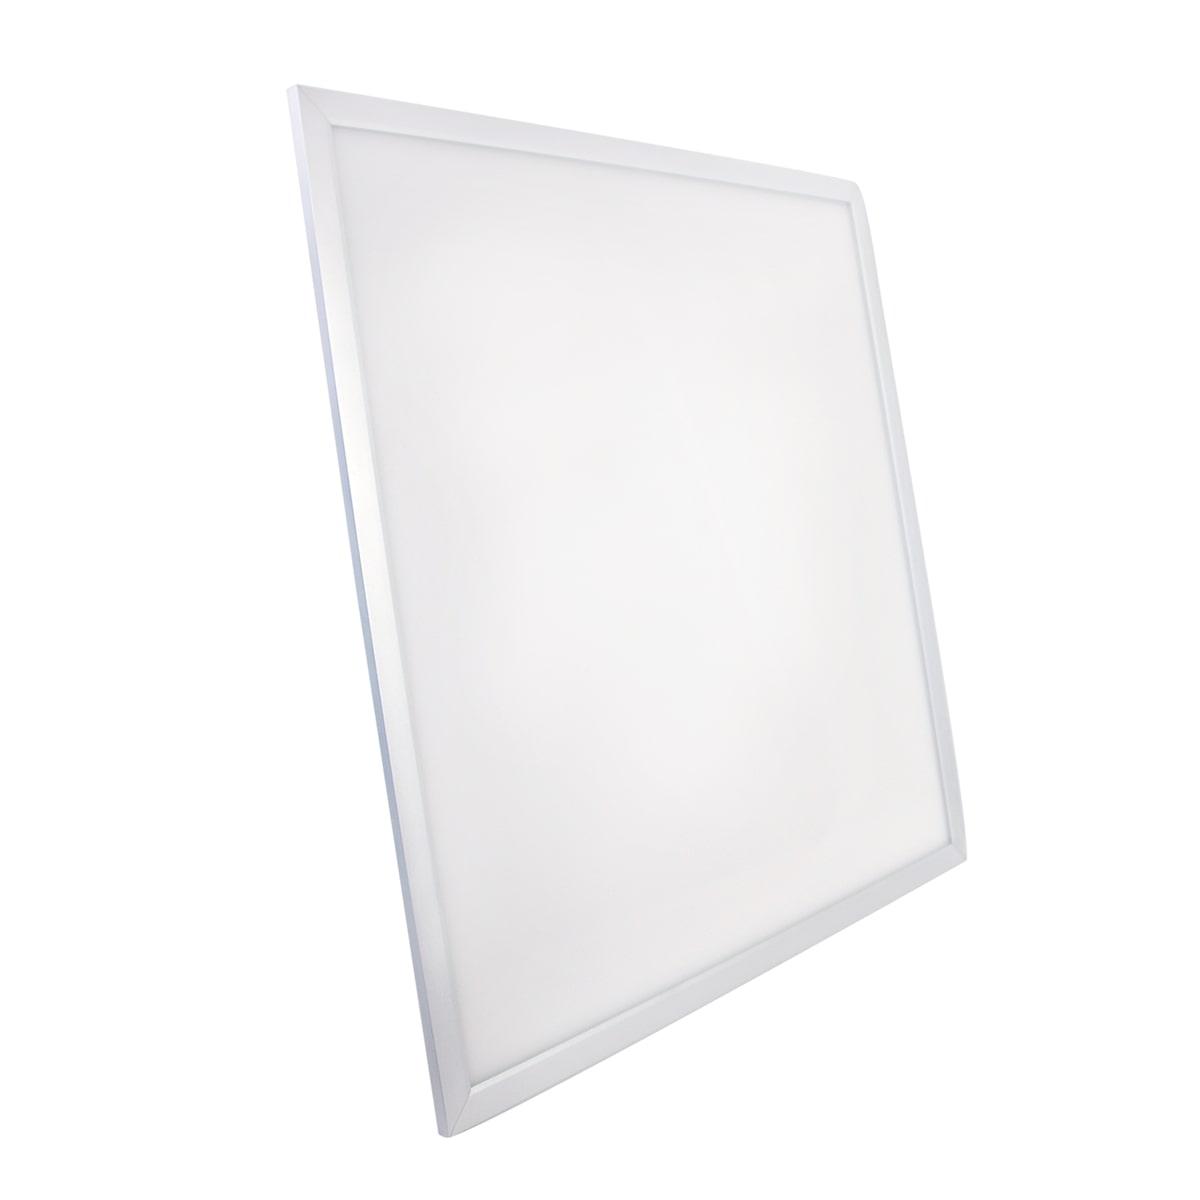 Painel LED Embutir Modular 48W 62X62CM Quadrado Bivolt - Branco Frio 6500K PEÇA ÚNICA